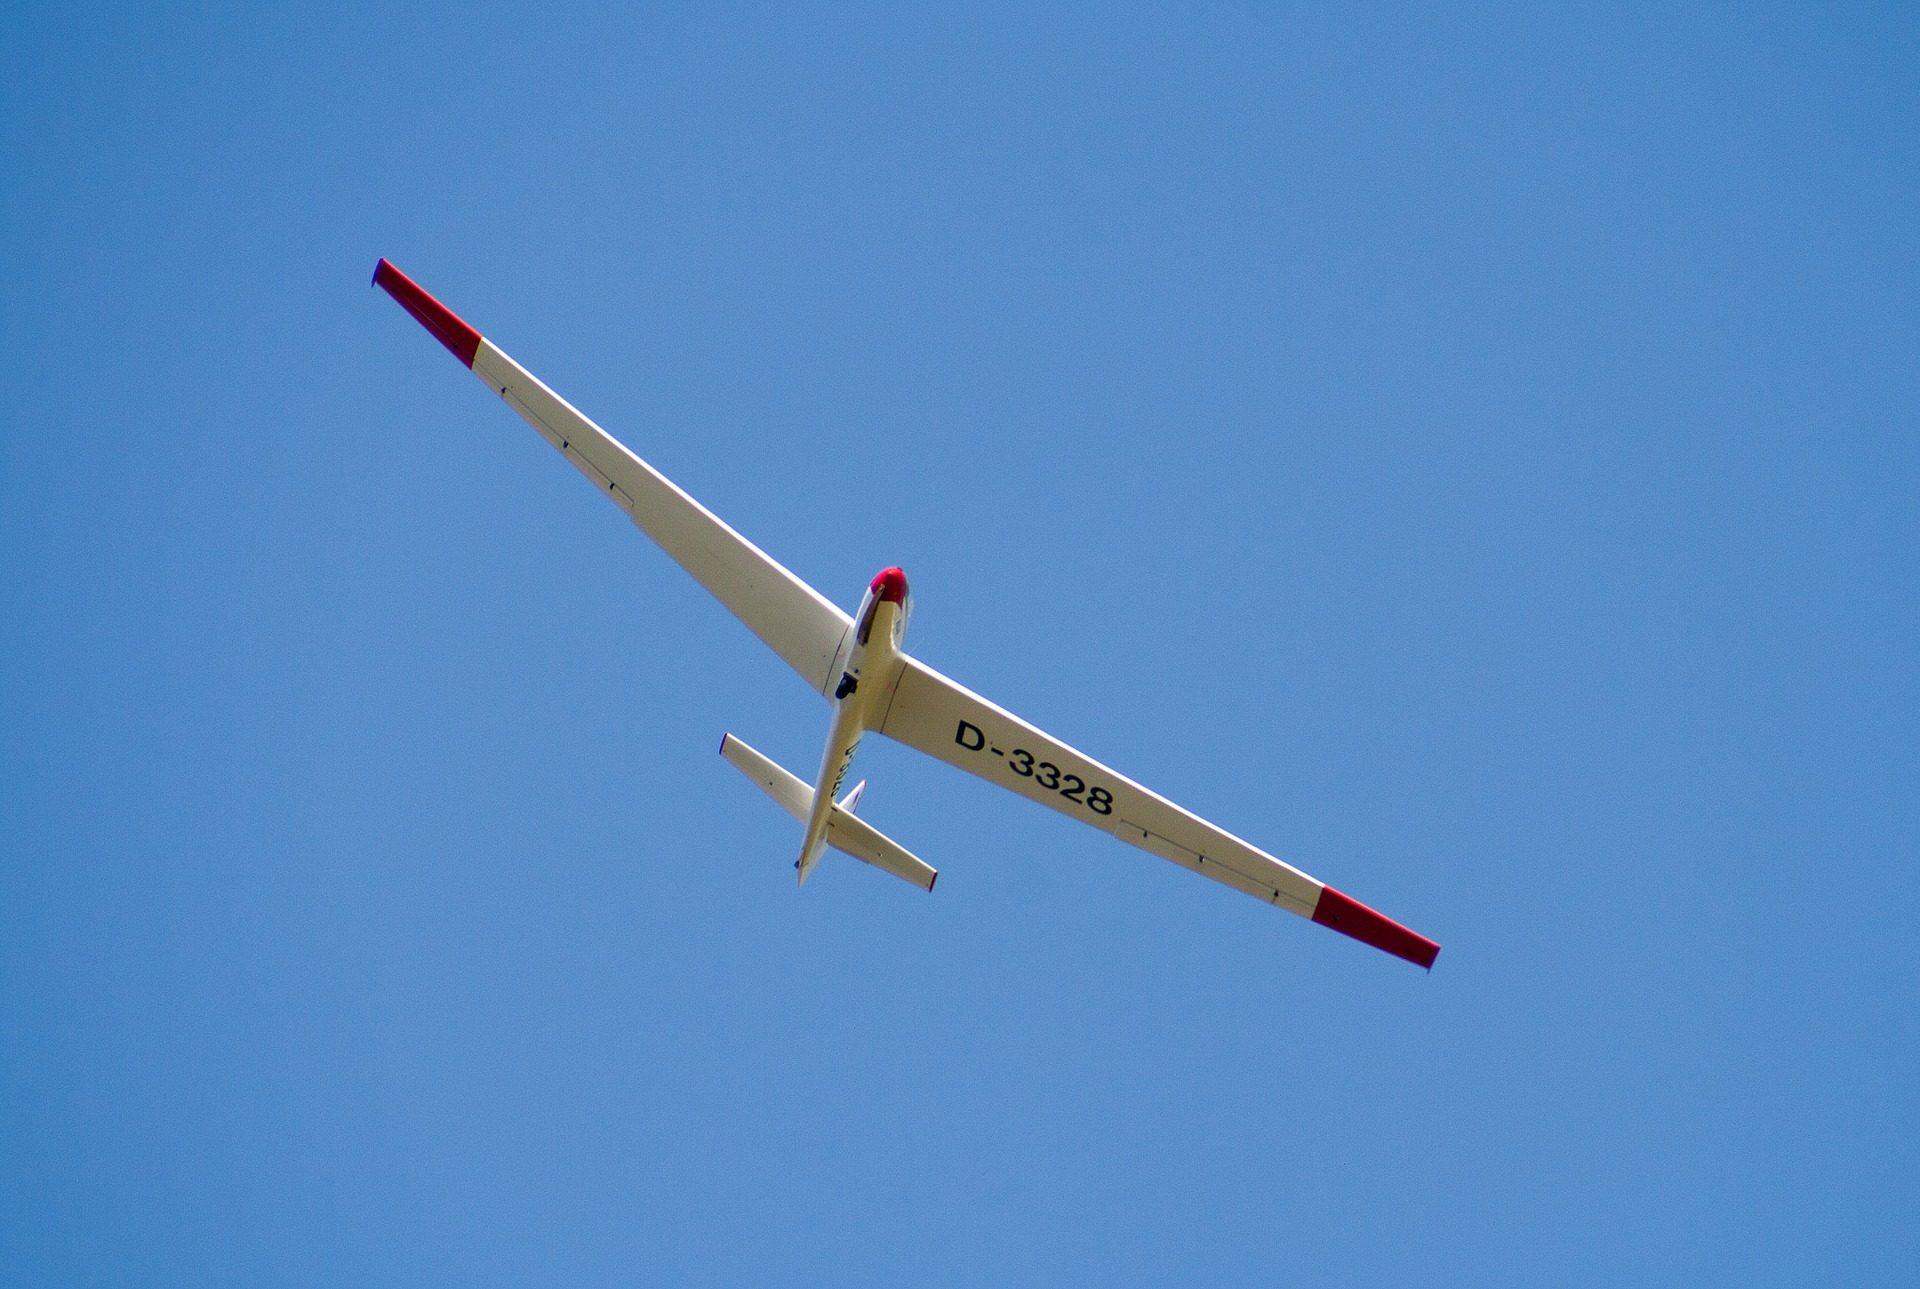 轻型飞机, 飞机, 滑翔机, 翅膀, 飞 - 高清壁纸 - 教授-falken.com